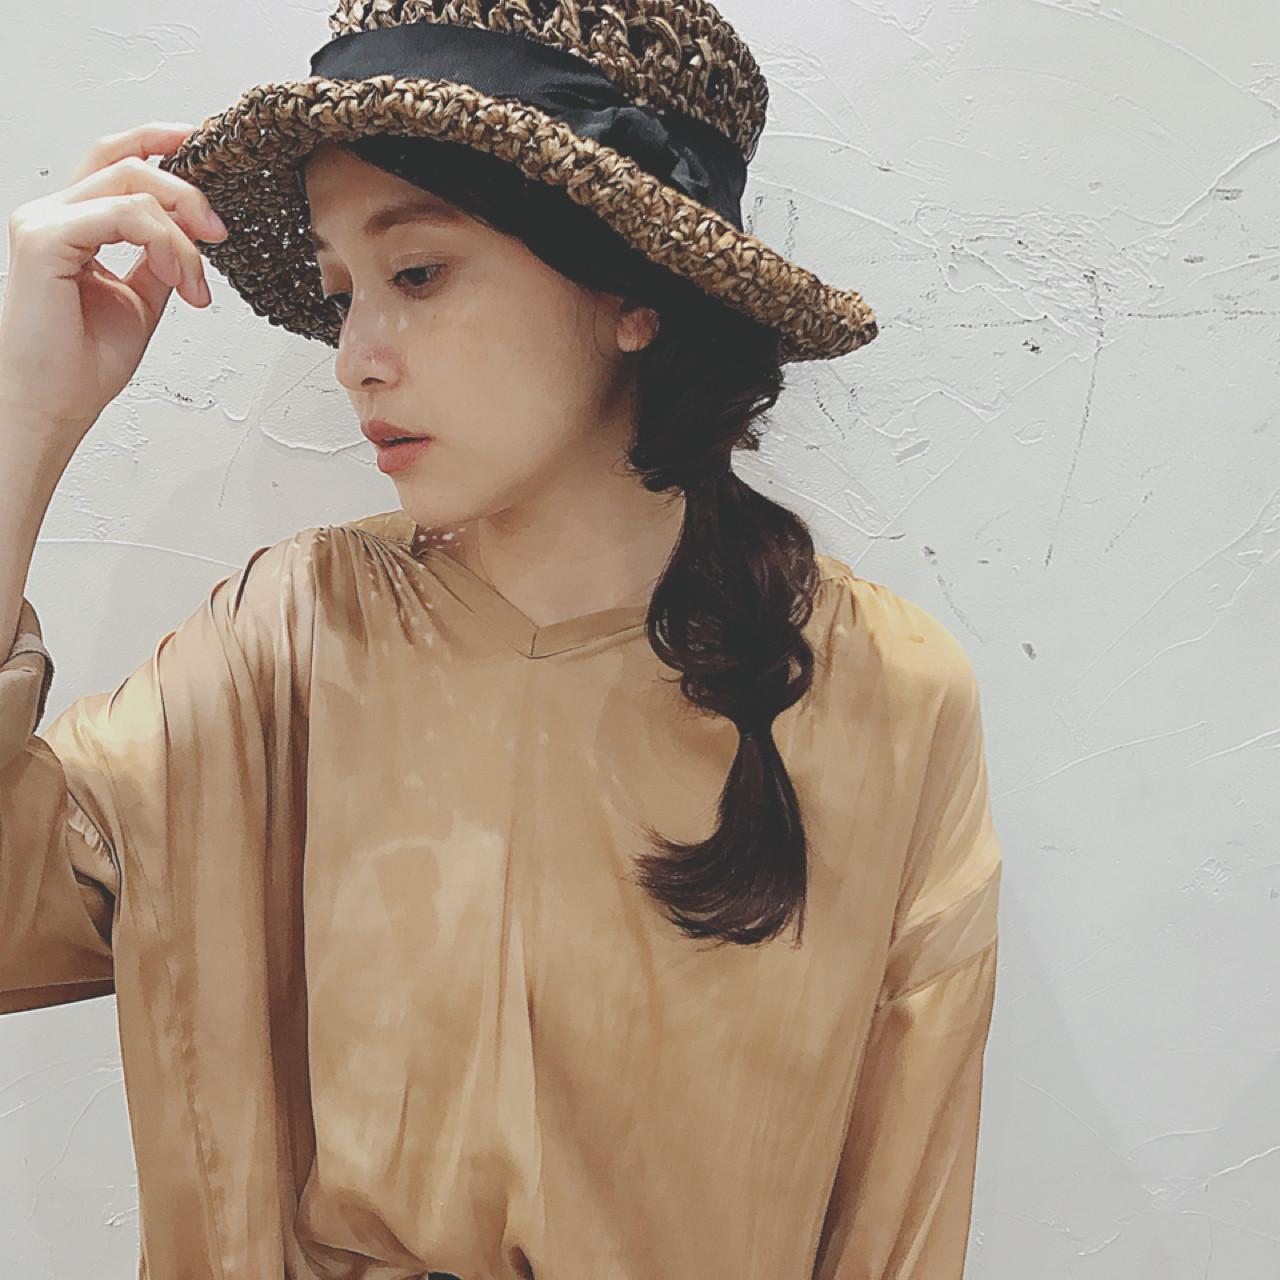 帽子と合わせたいヘアアレンジ NEUTRAL 中園 香峰 | NEUTRAL produced by GARDEN